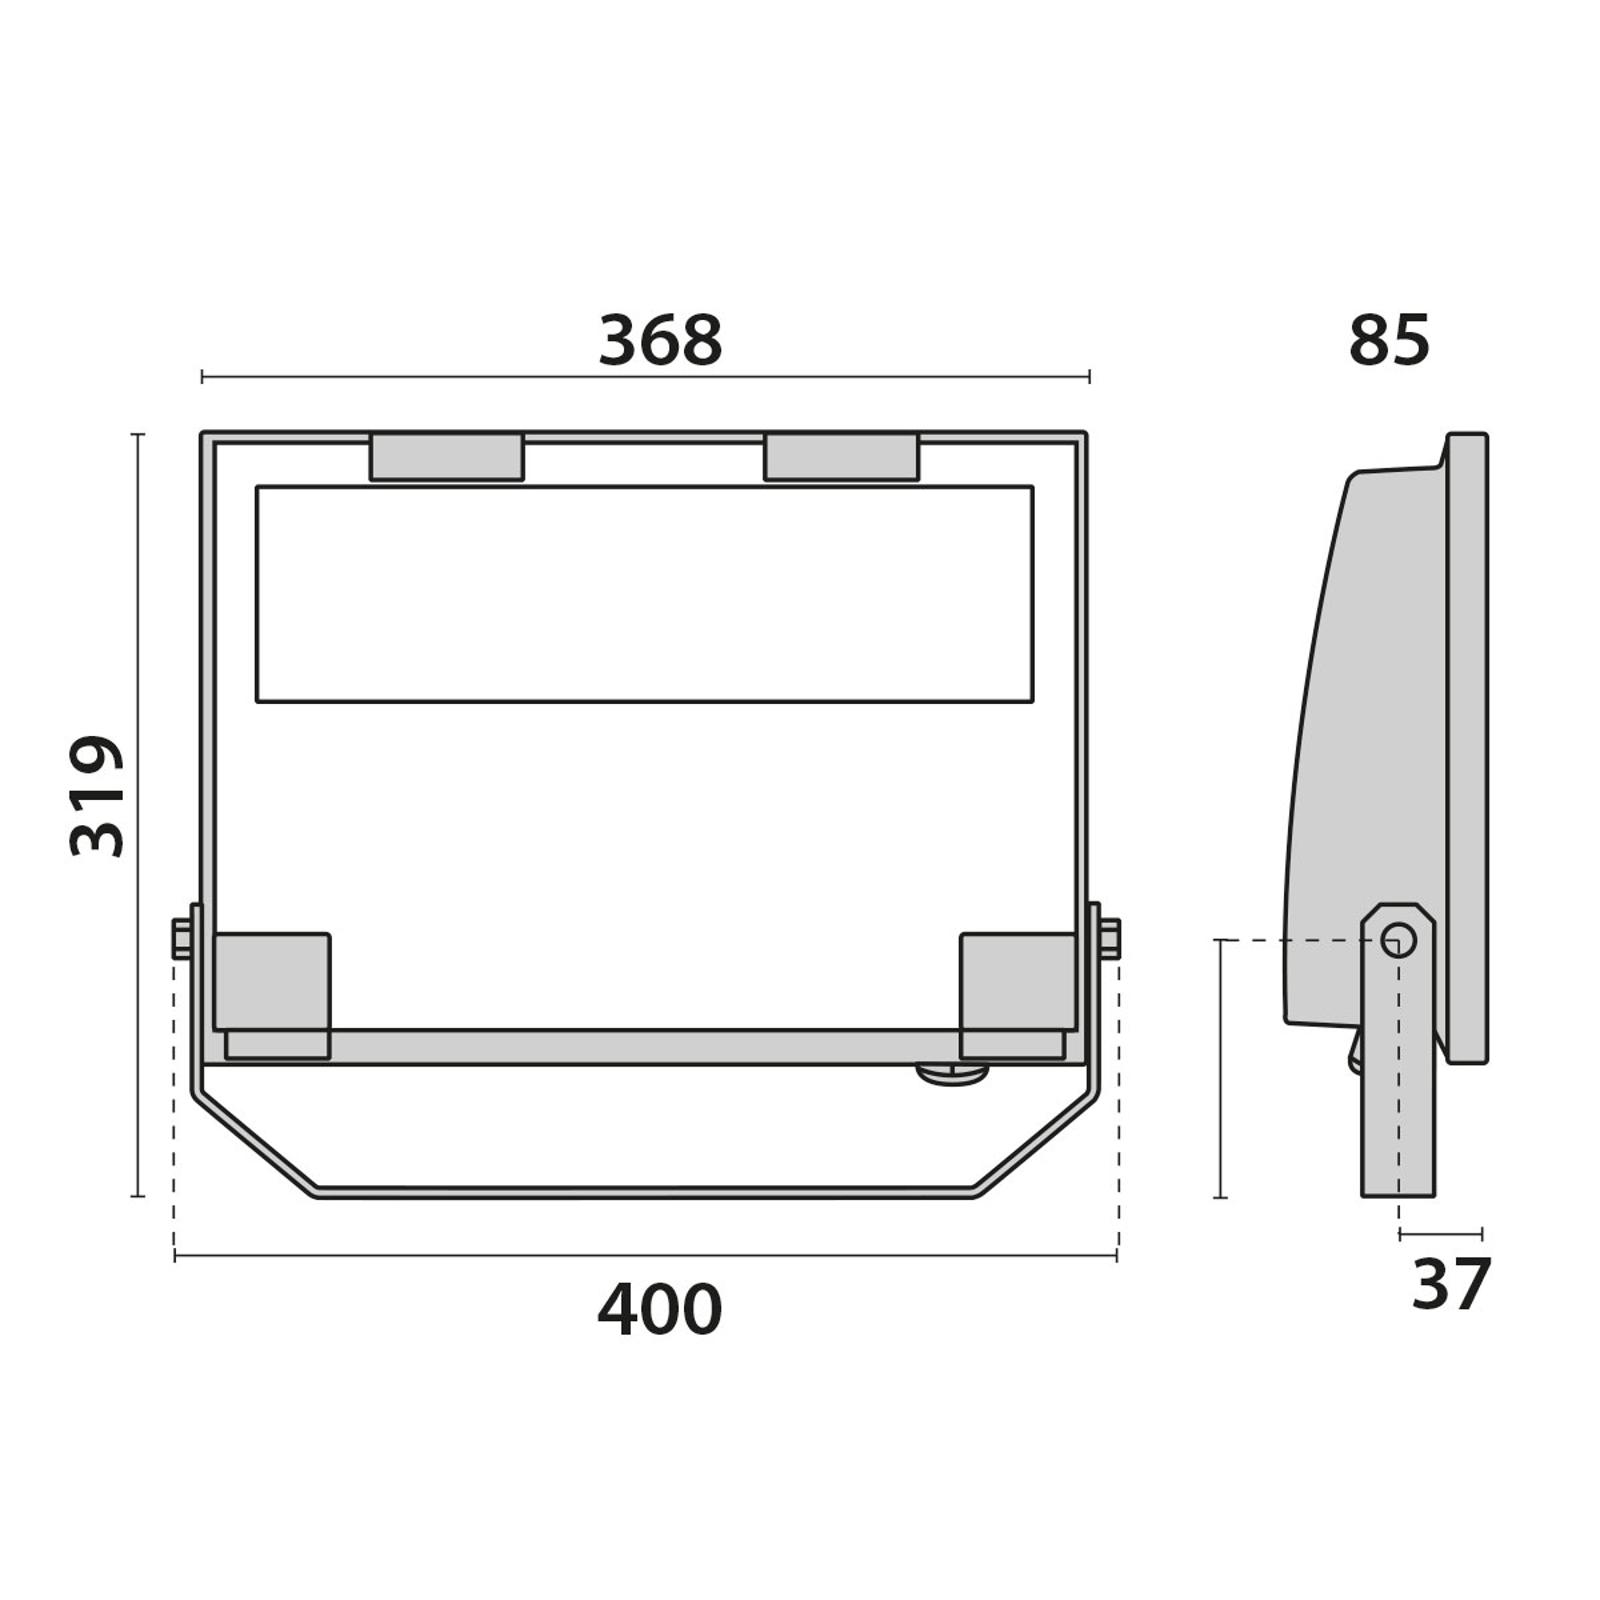 Guell 2 C/I - LED-Strahler f. innen und außen 78W